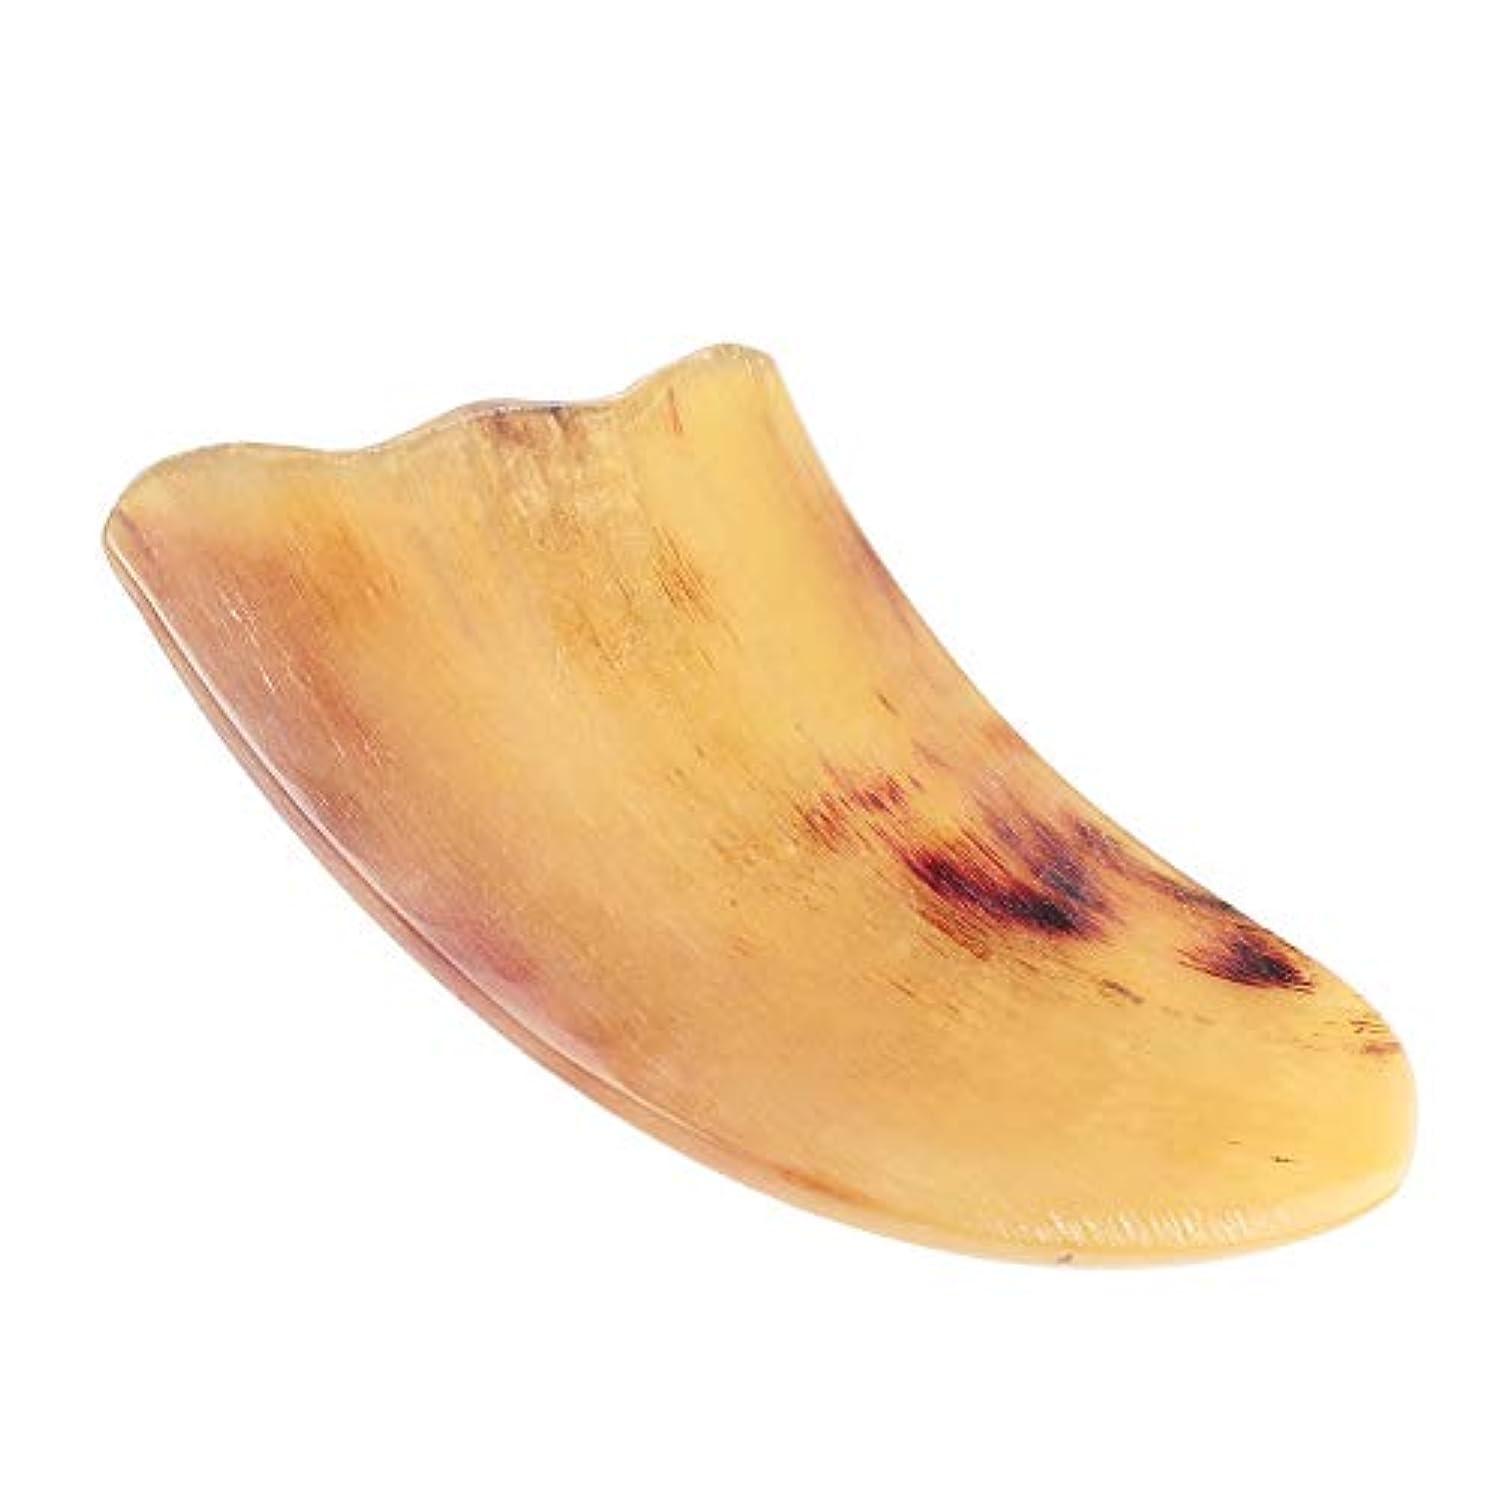 ヒゲクジラピット評価可能MUOBOFU 天然羊角製 カッサ?マッサージ?美容器 三角形?多用スクレーパー